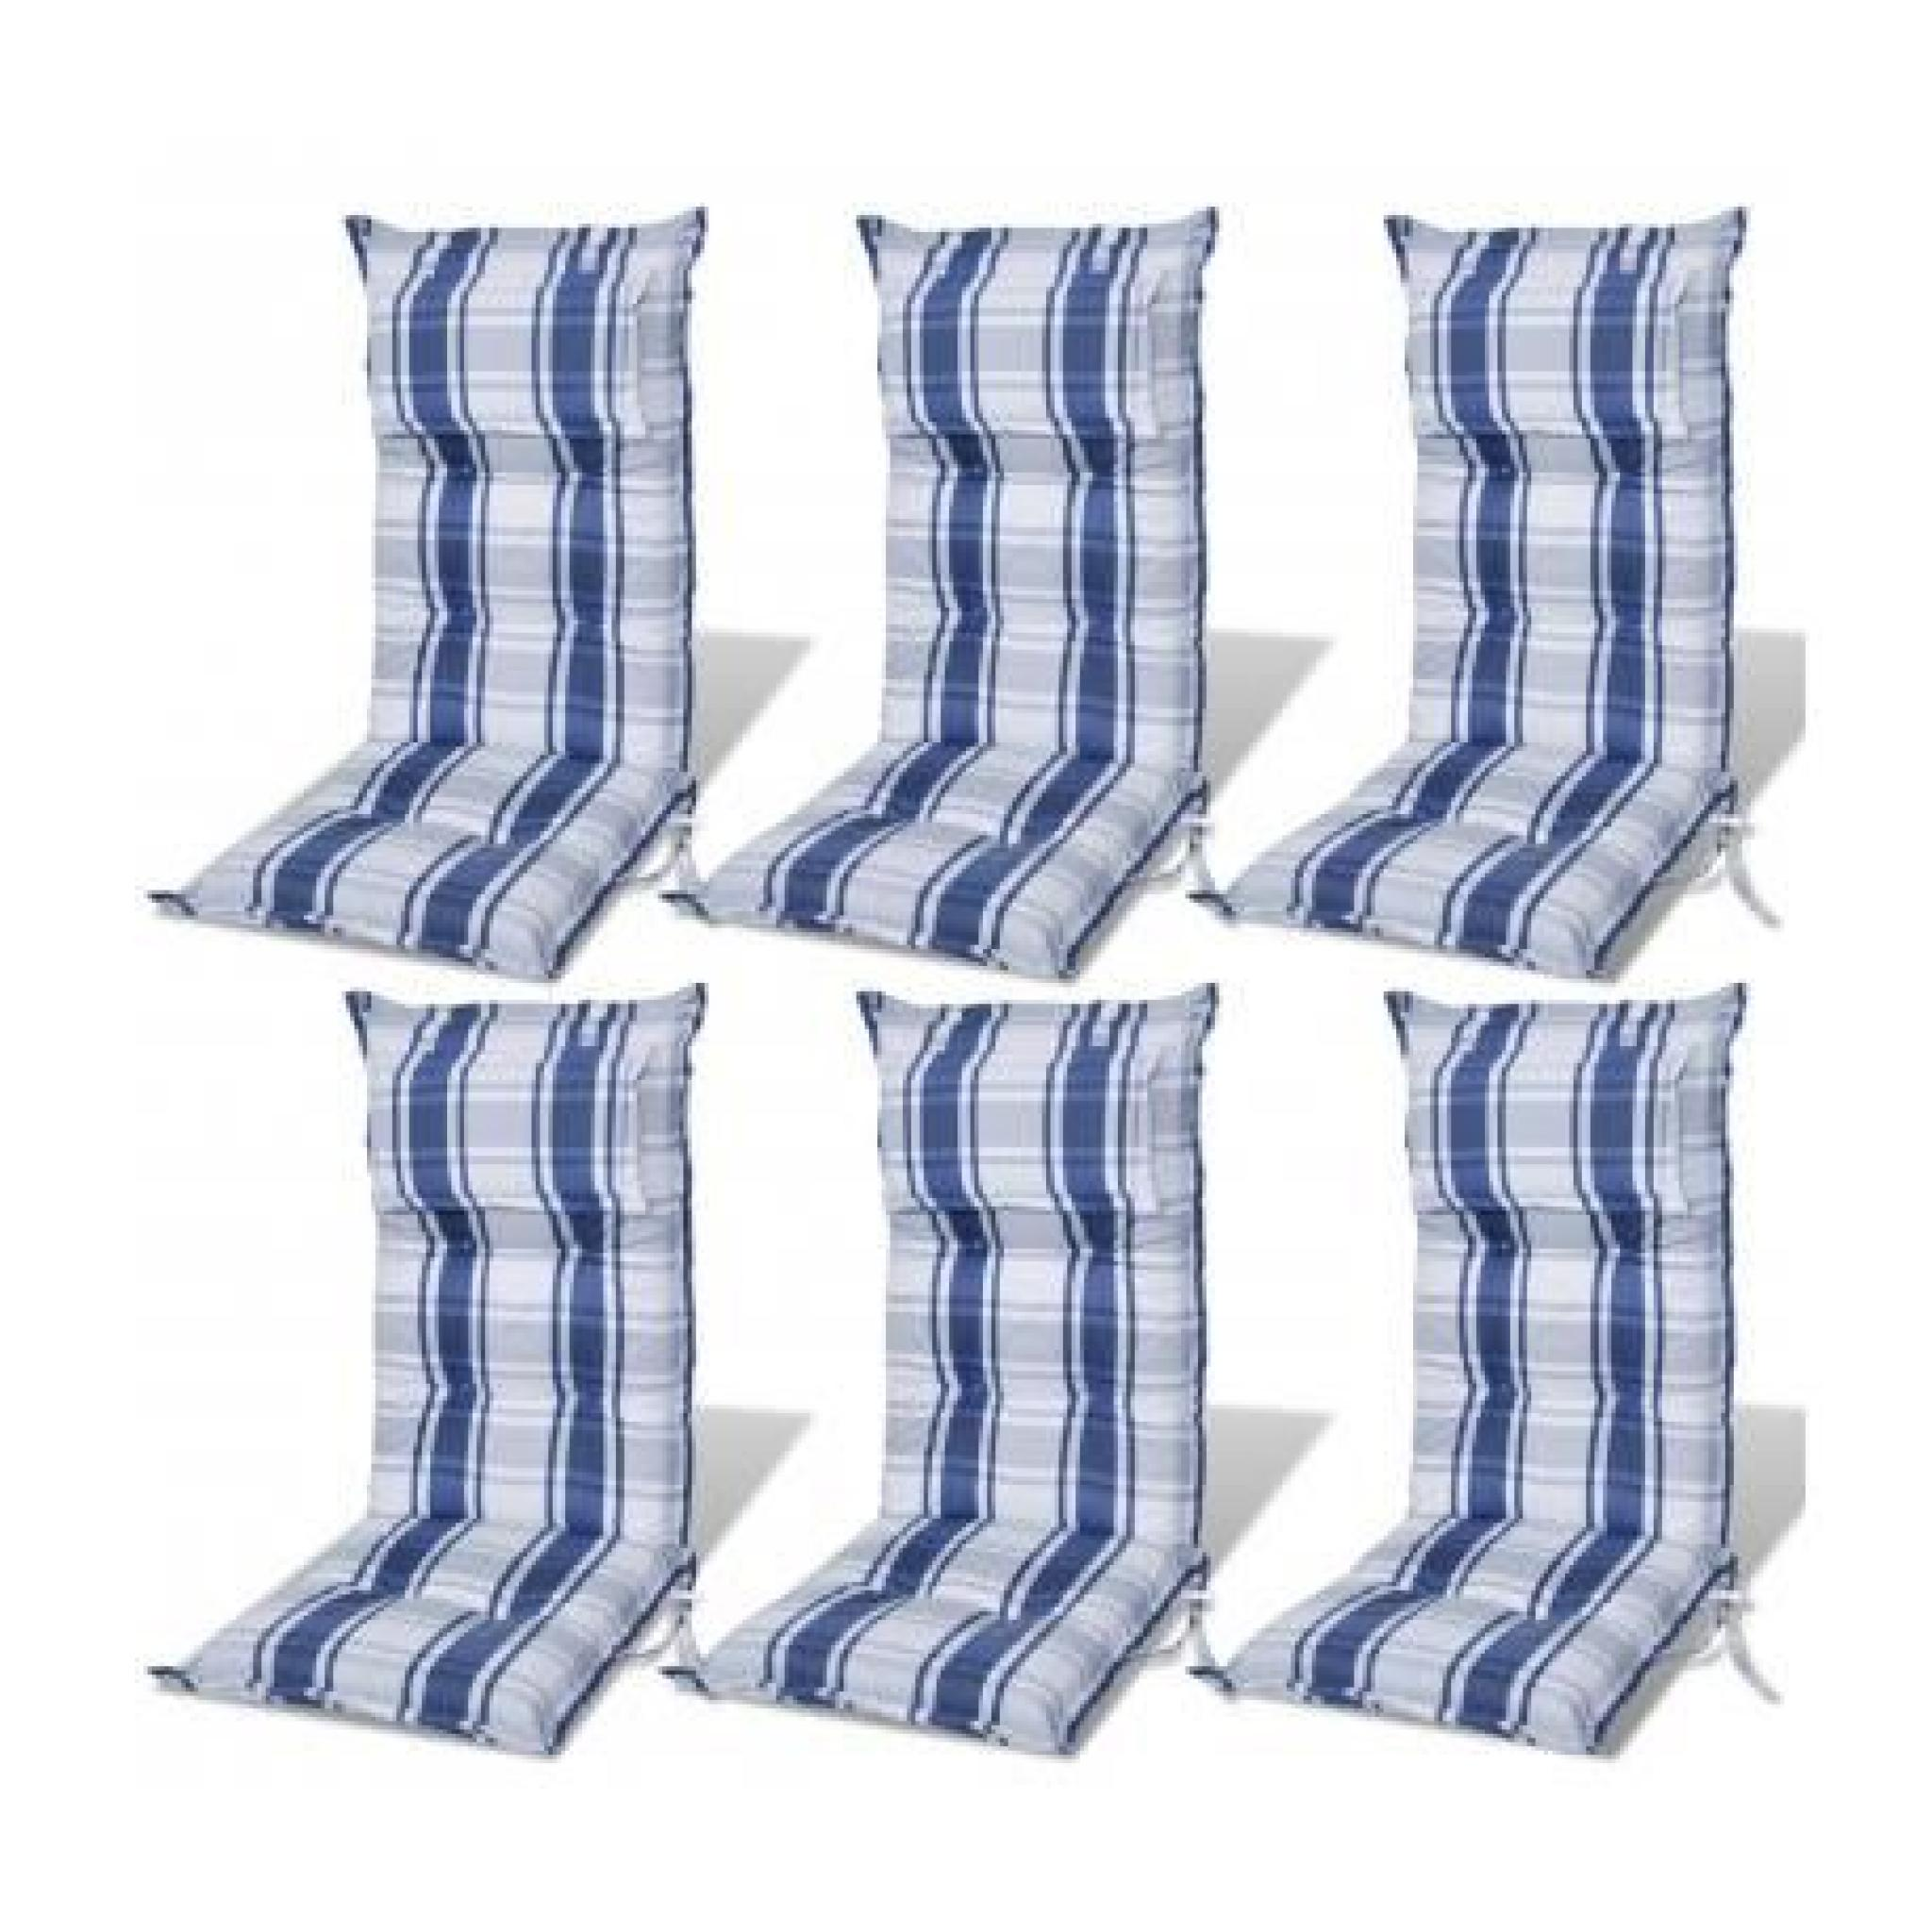 coussin pour chaise de jardin bleu, 8cm dépaiss - achat/vente